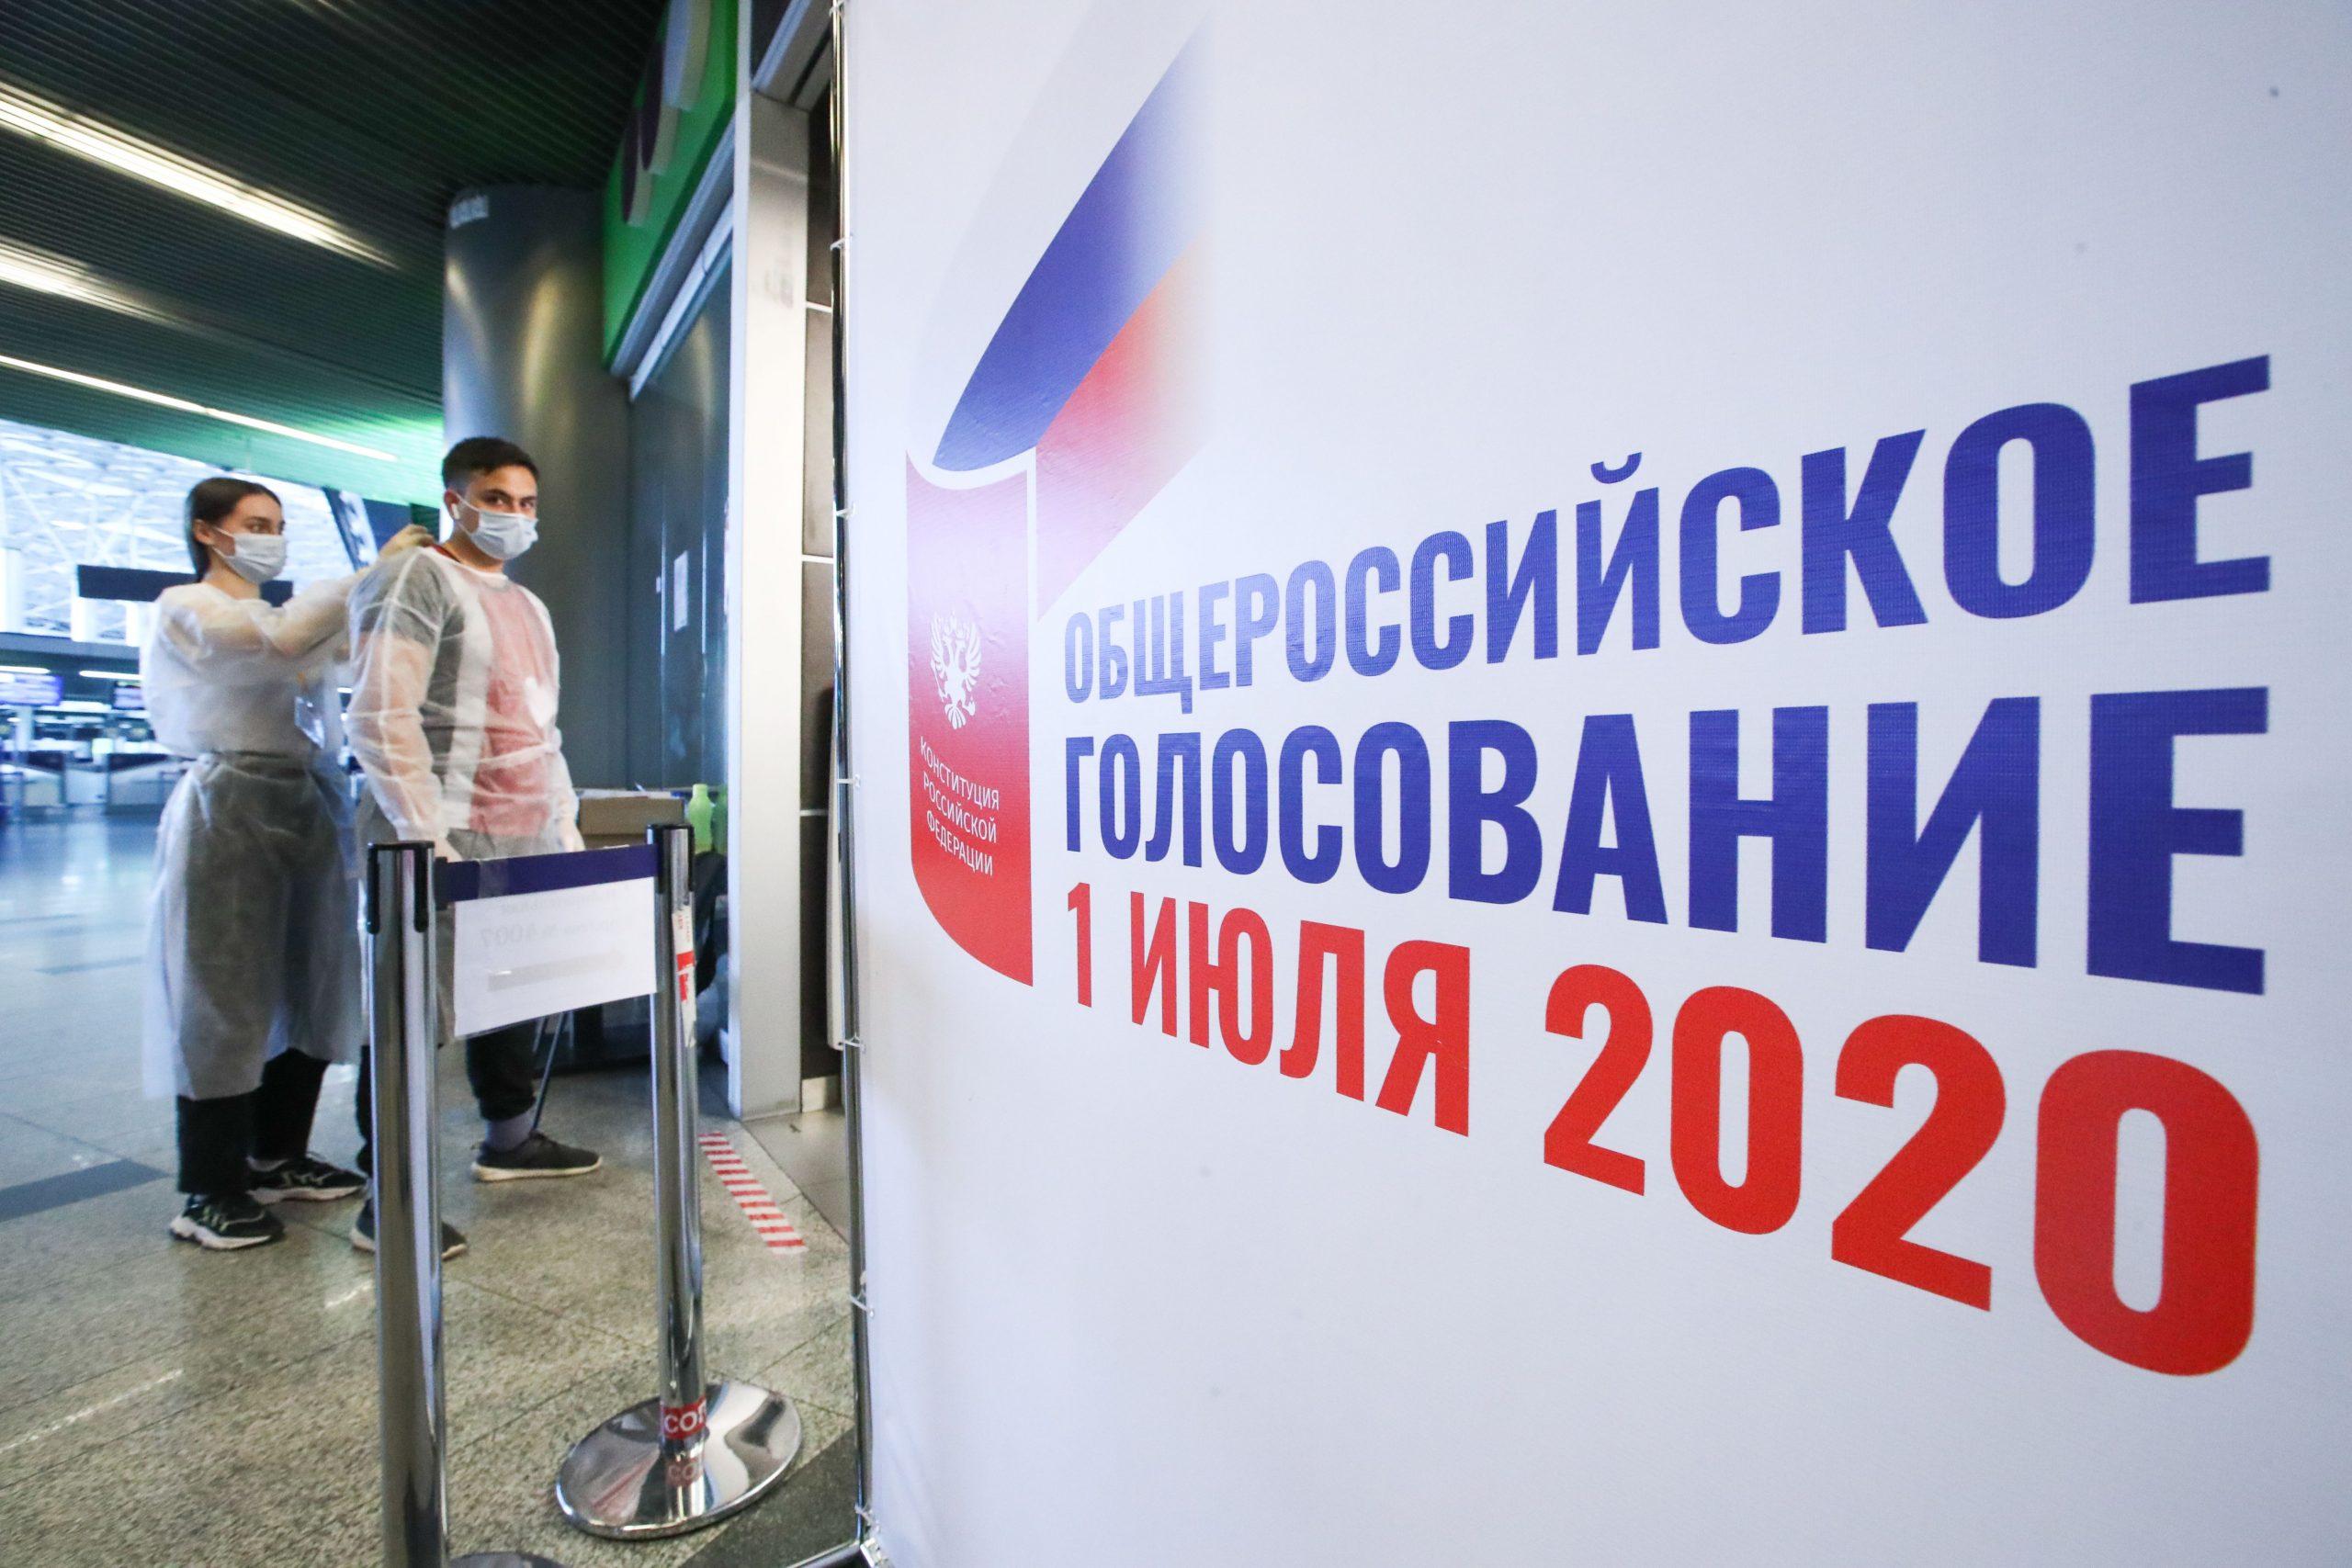 Image for Получится ли у Путина ремейк брежневской конституции?